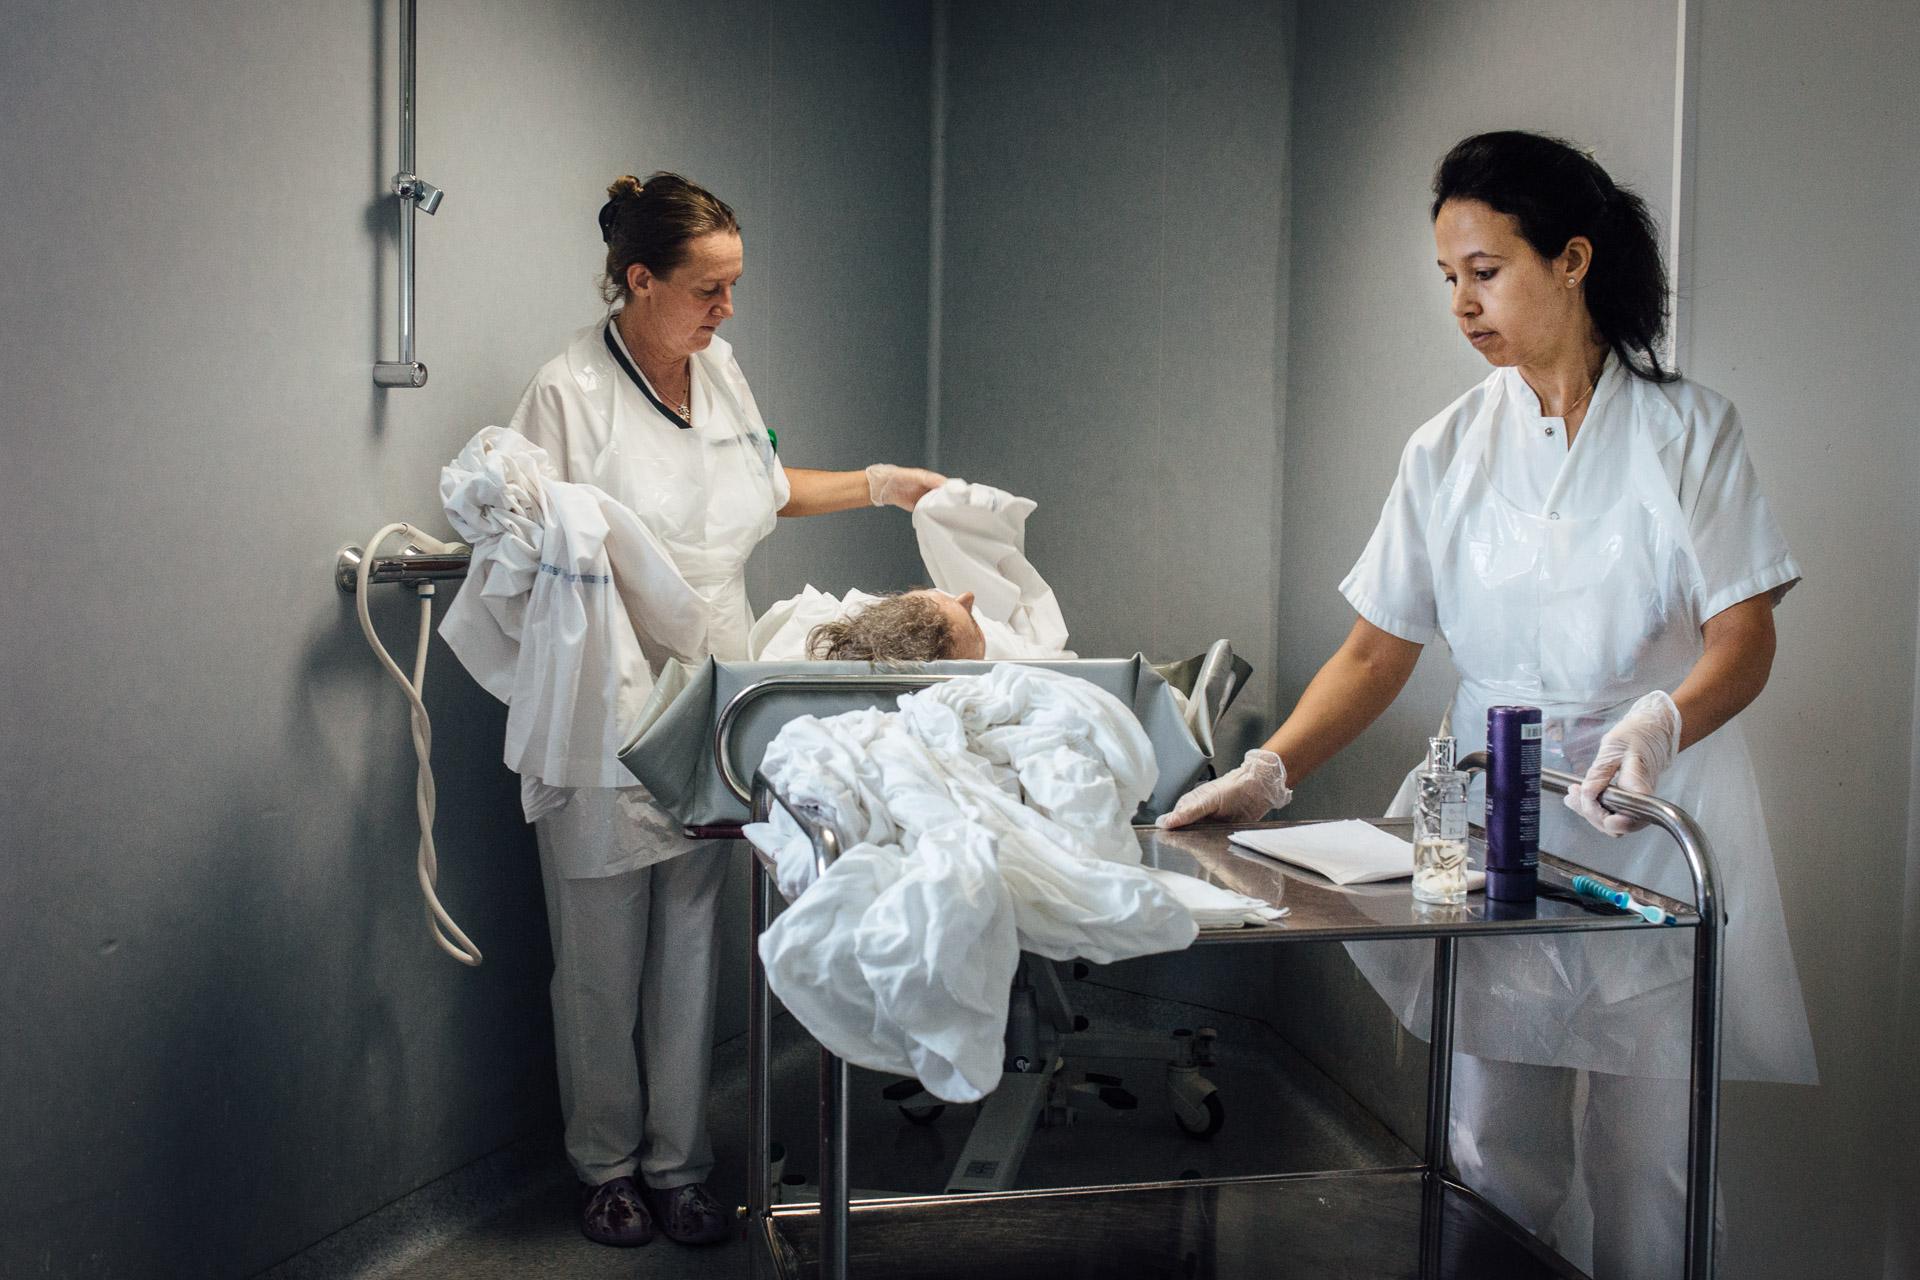 La Seyne sur mer, le 12 Octobre 2016.  Deux aide soignantes préparent une patiente pour la douche.